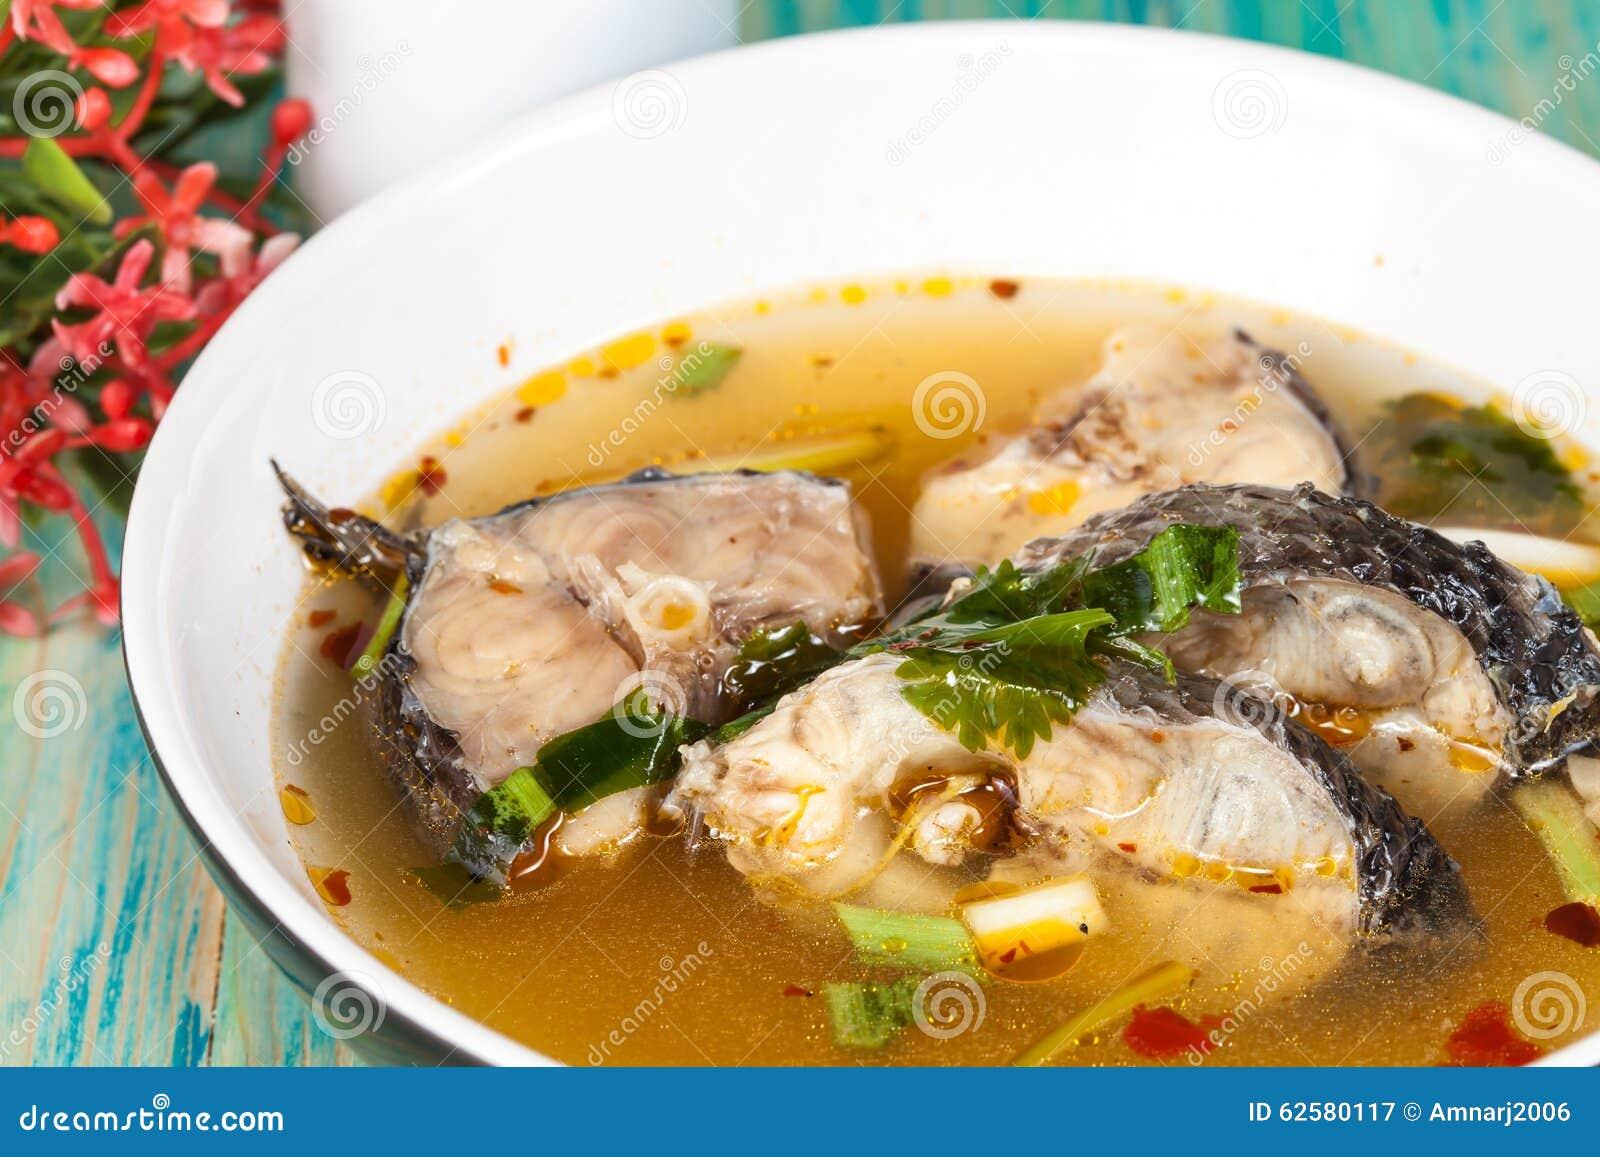 comida con pescado